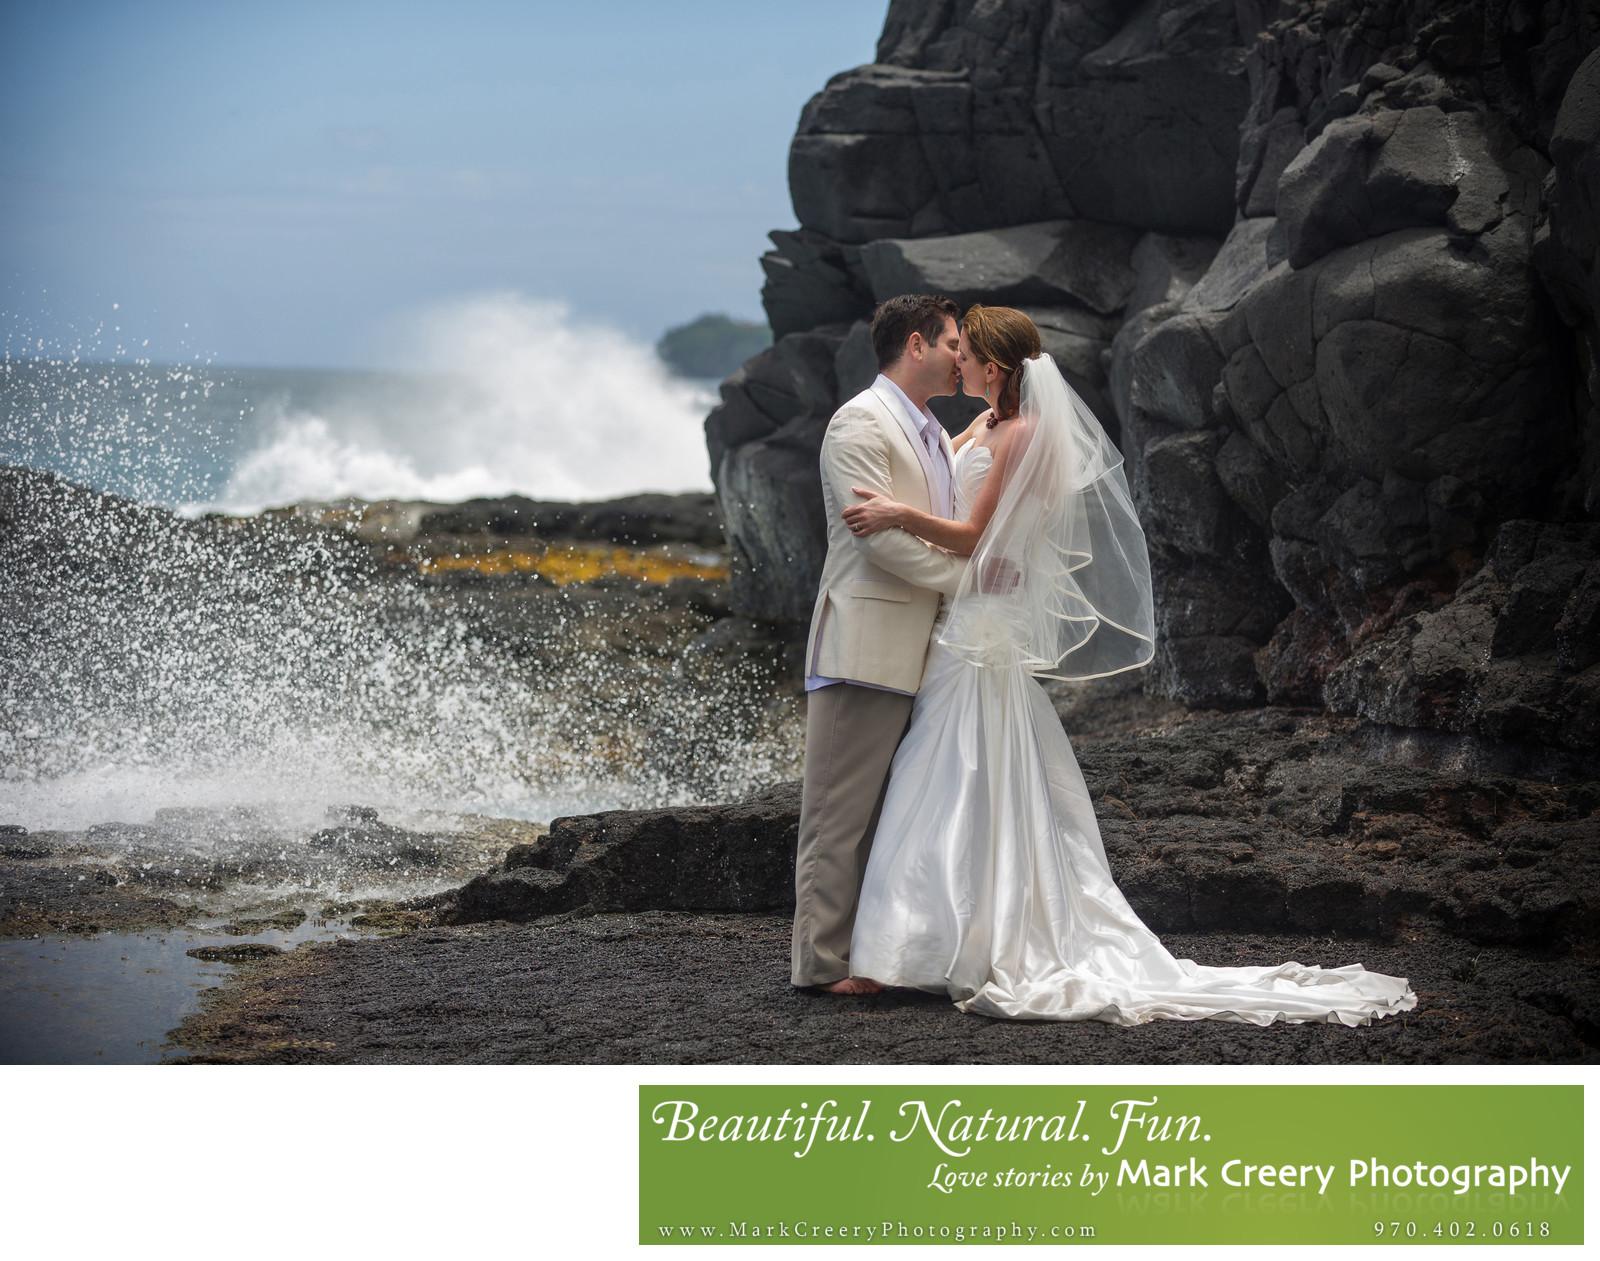 Colorado Destination Wedding Photographer Mark Creery Photography